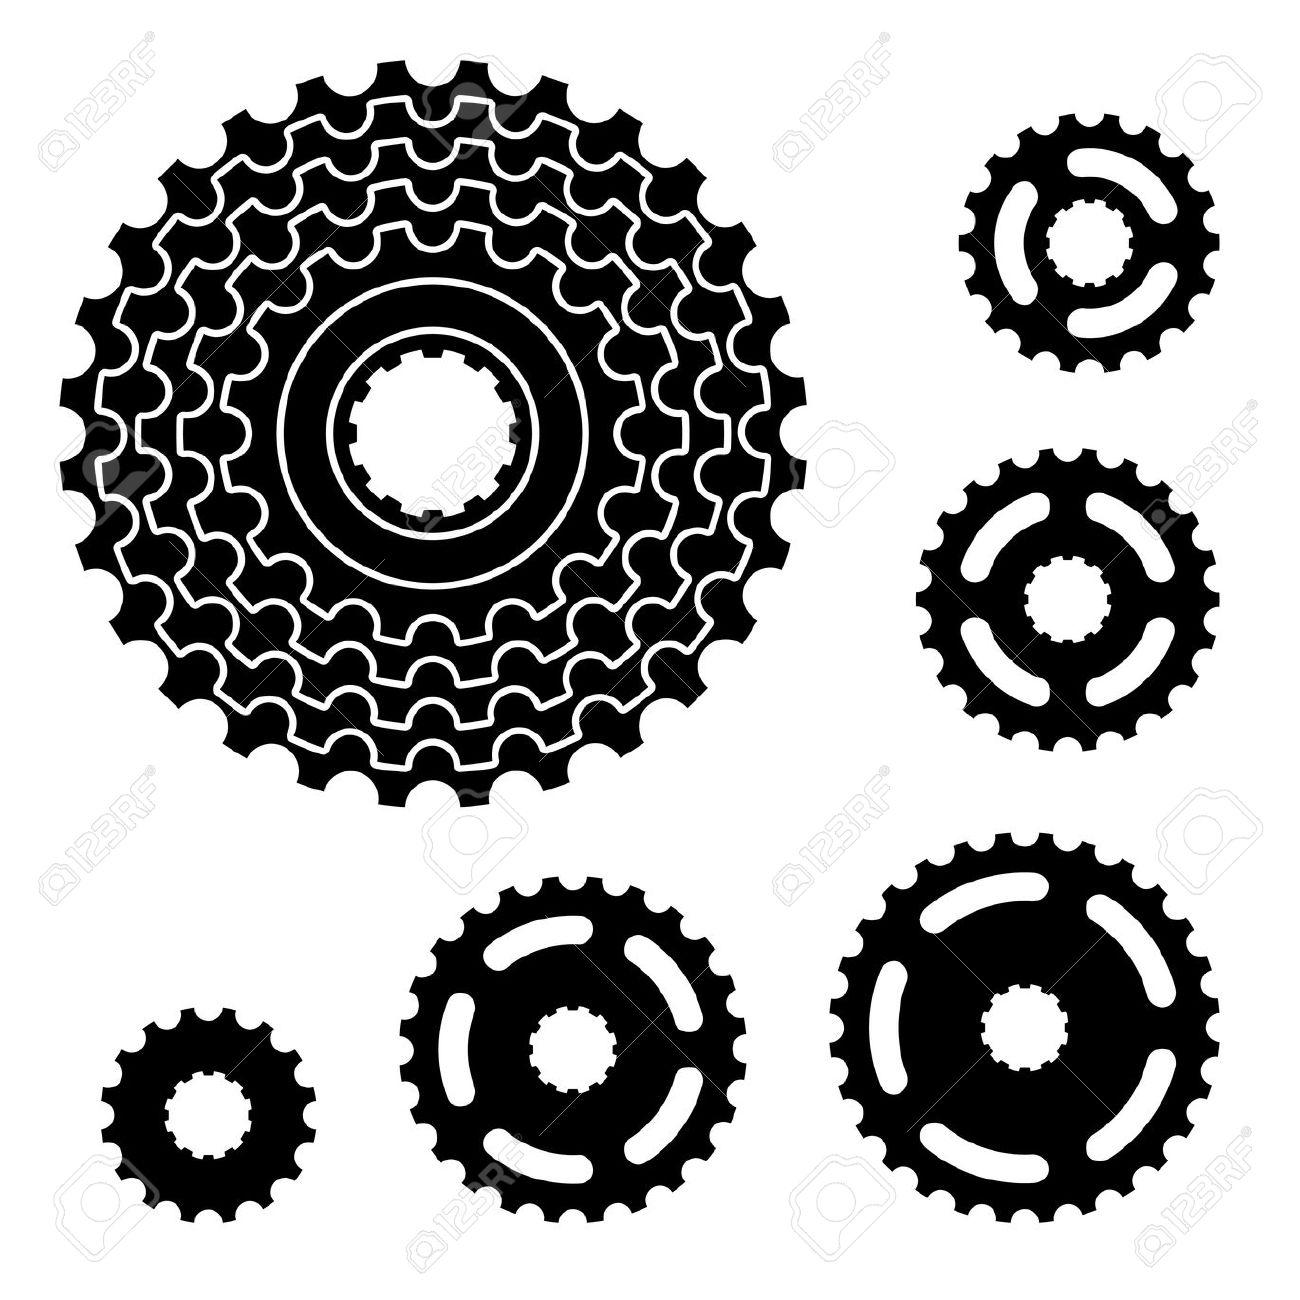 Vector Bicycle Gear Cogwheel Sprocket Symbols Royalty Free.